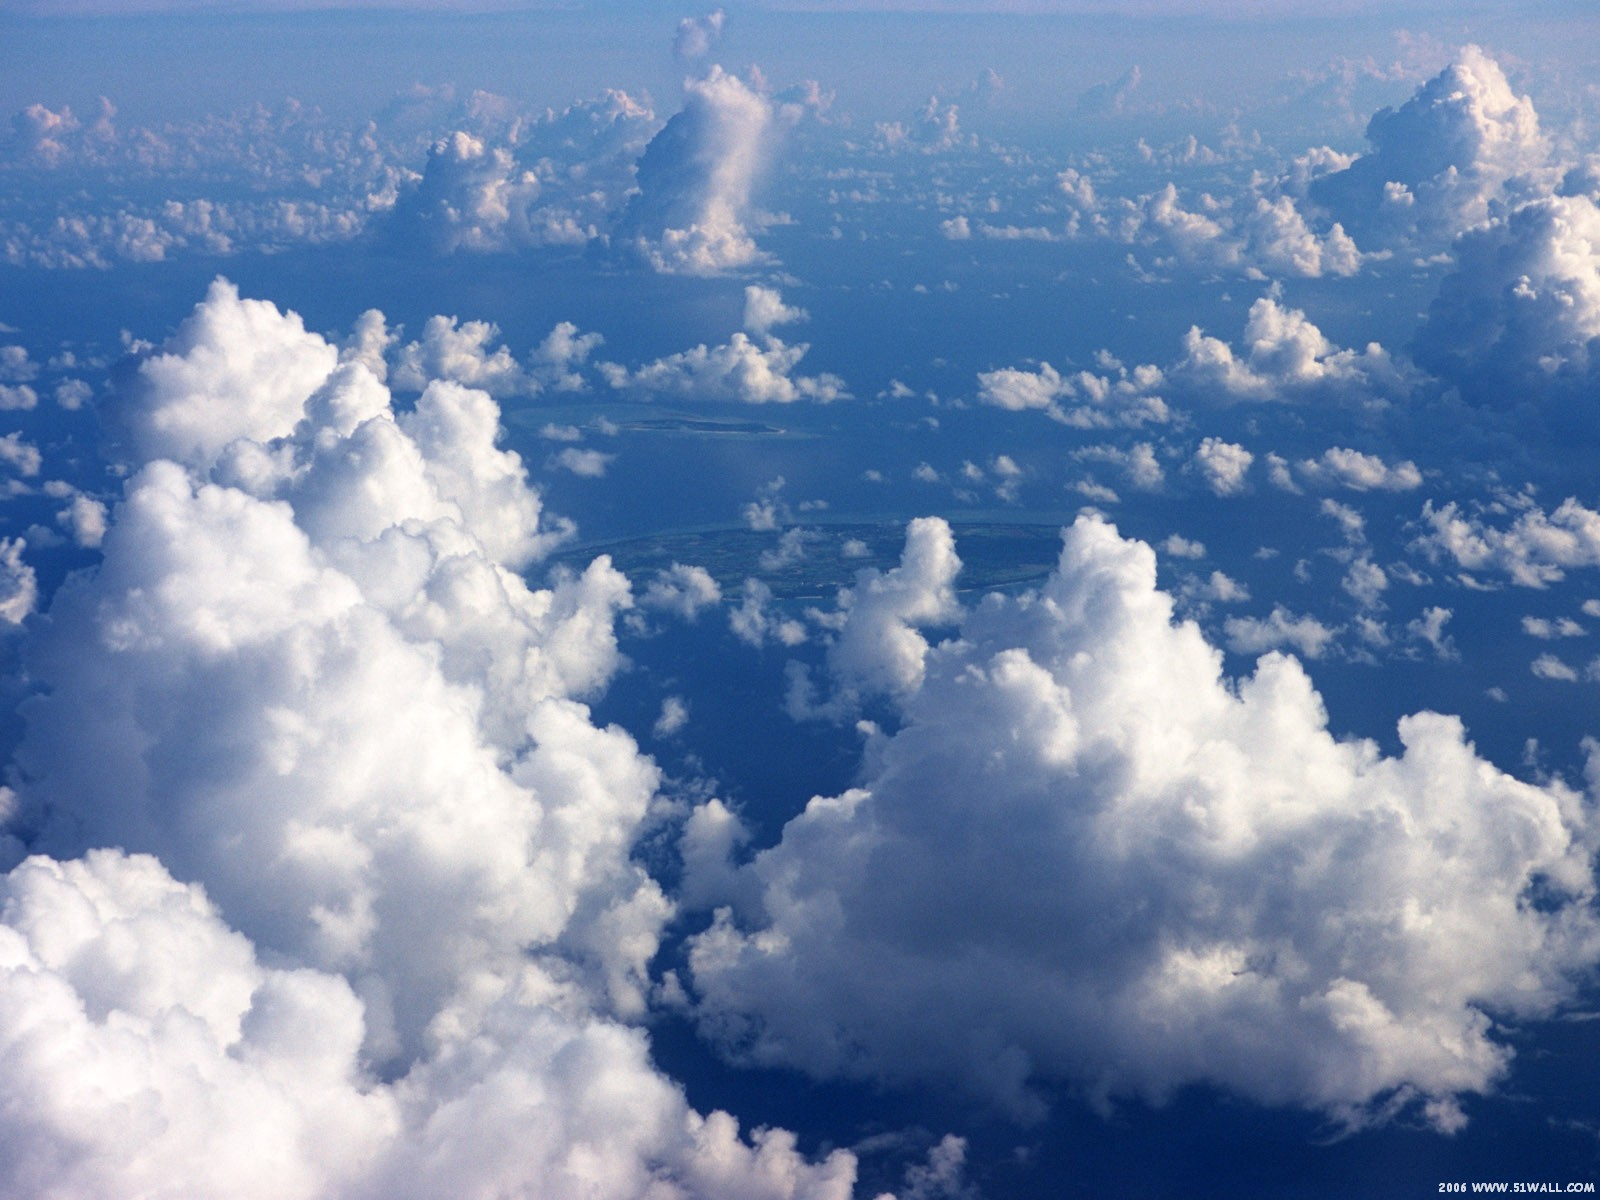 壁纸1600×1200蓝天白云 2壁纸 蓝天白云2壁纸图片人文壁纸人文图片素材桌面壁纸